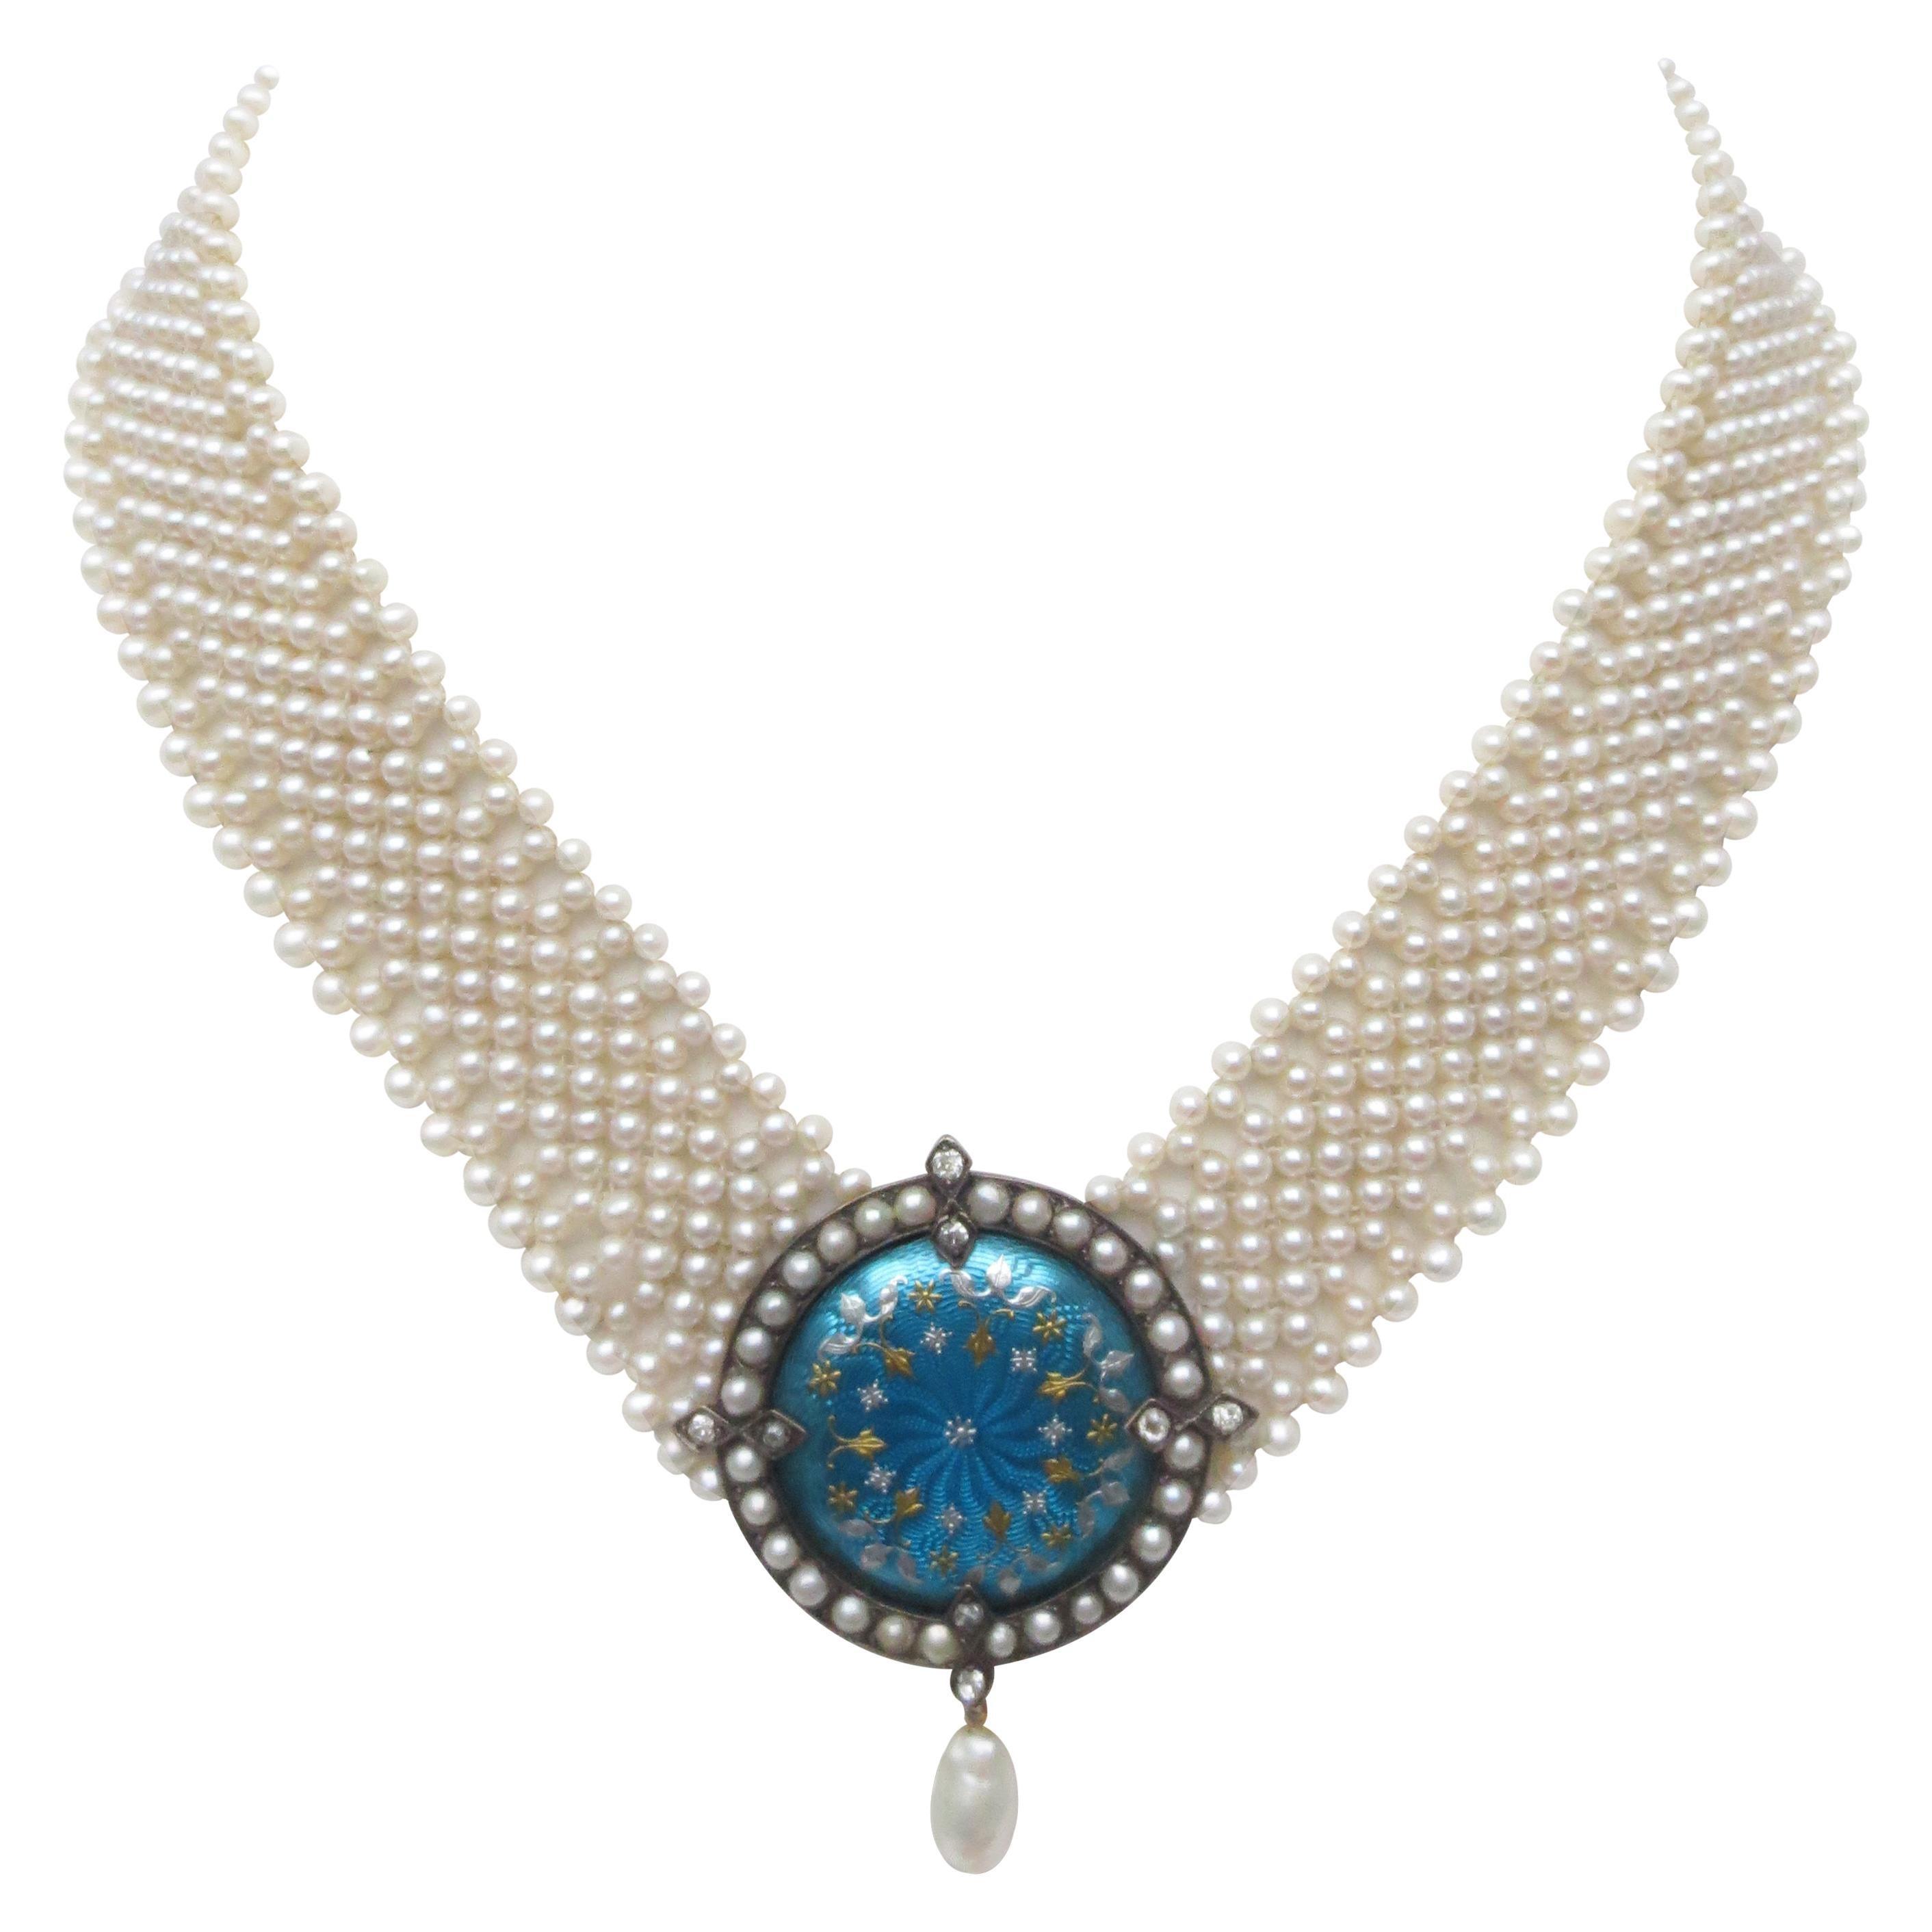 Marina J. Unique Woven Pearl Necklace with Vintage Blue Enamel Centerpiece